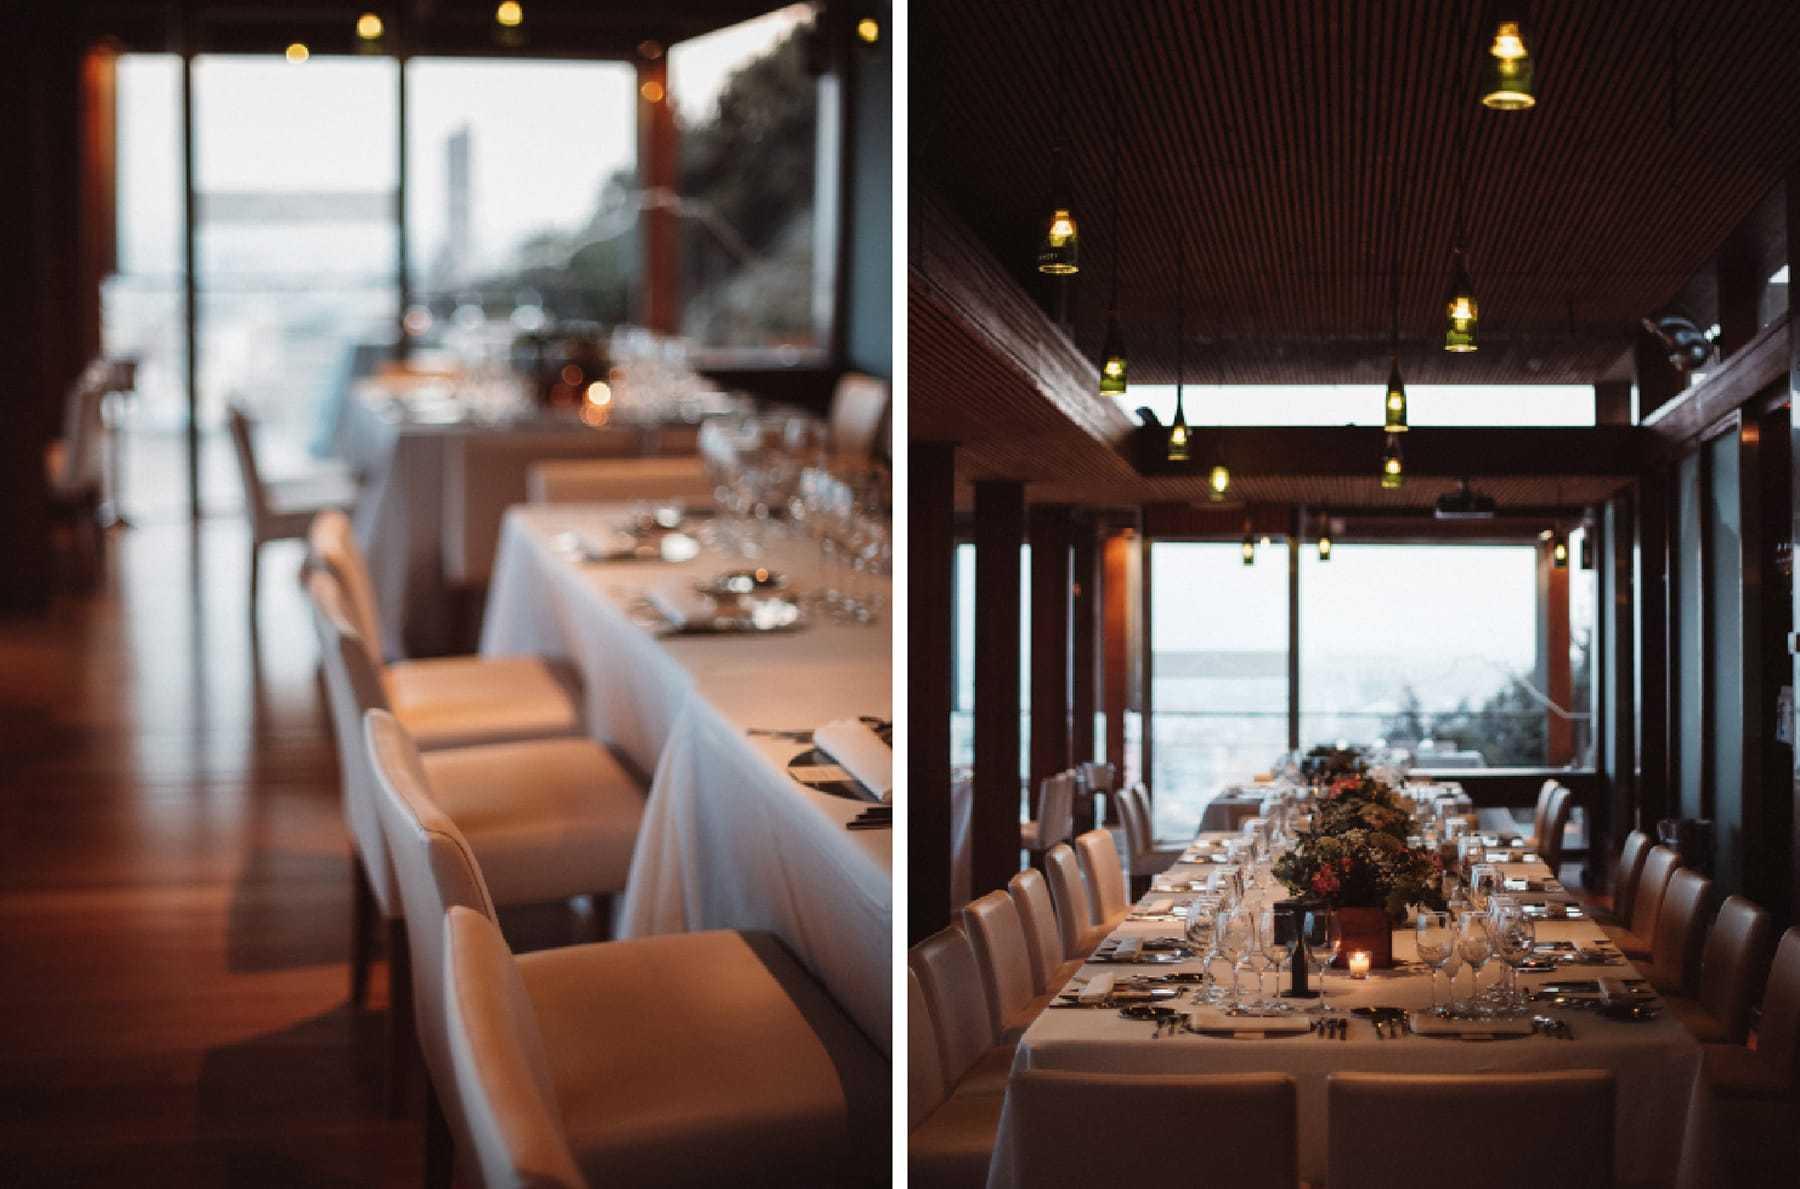 restaurante_la_ereta_hilario_sanchez_fotografo_boda_alicante_105